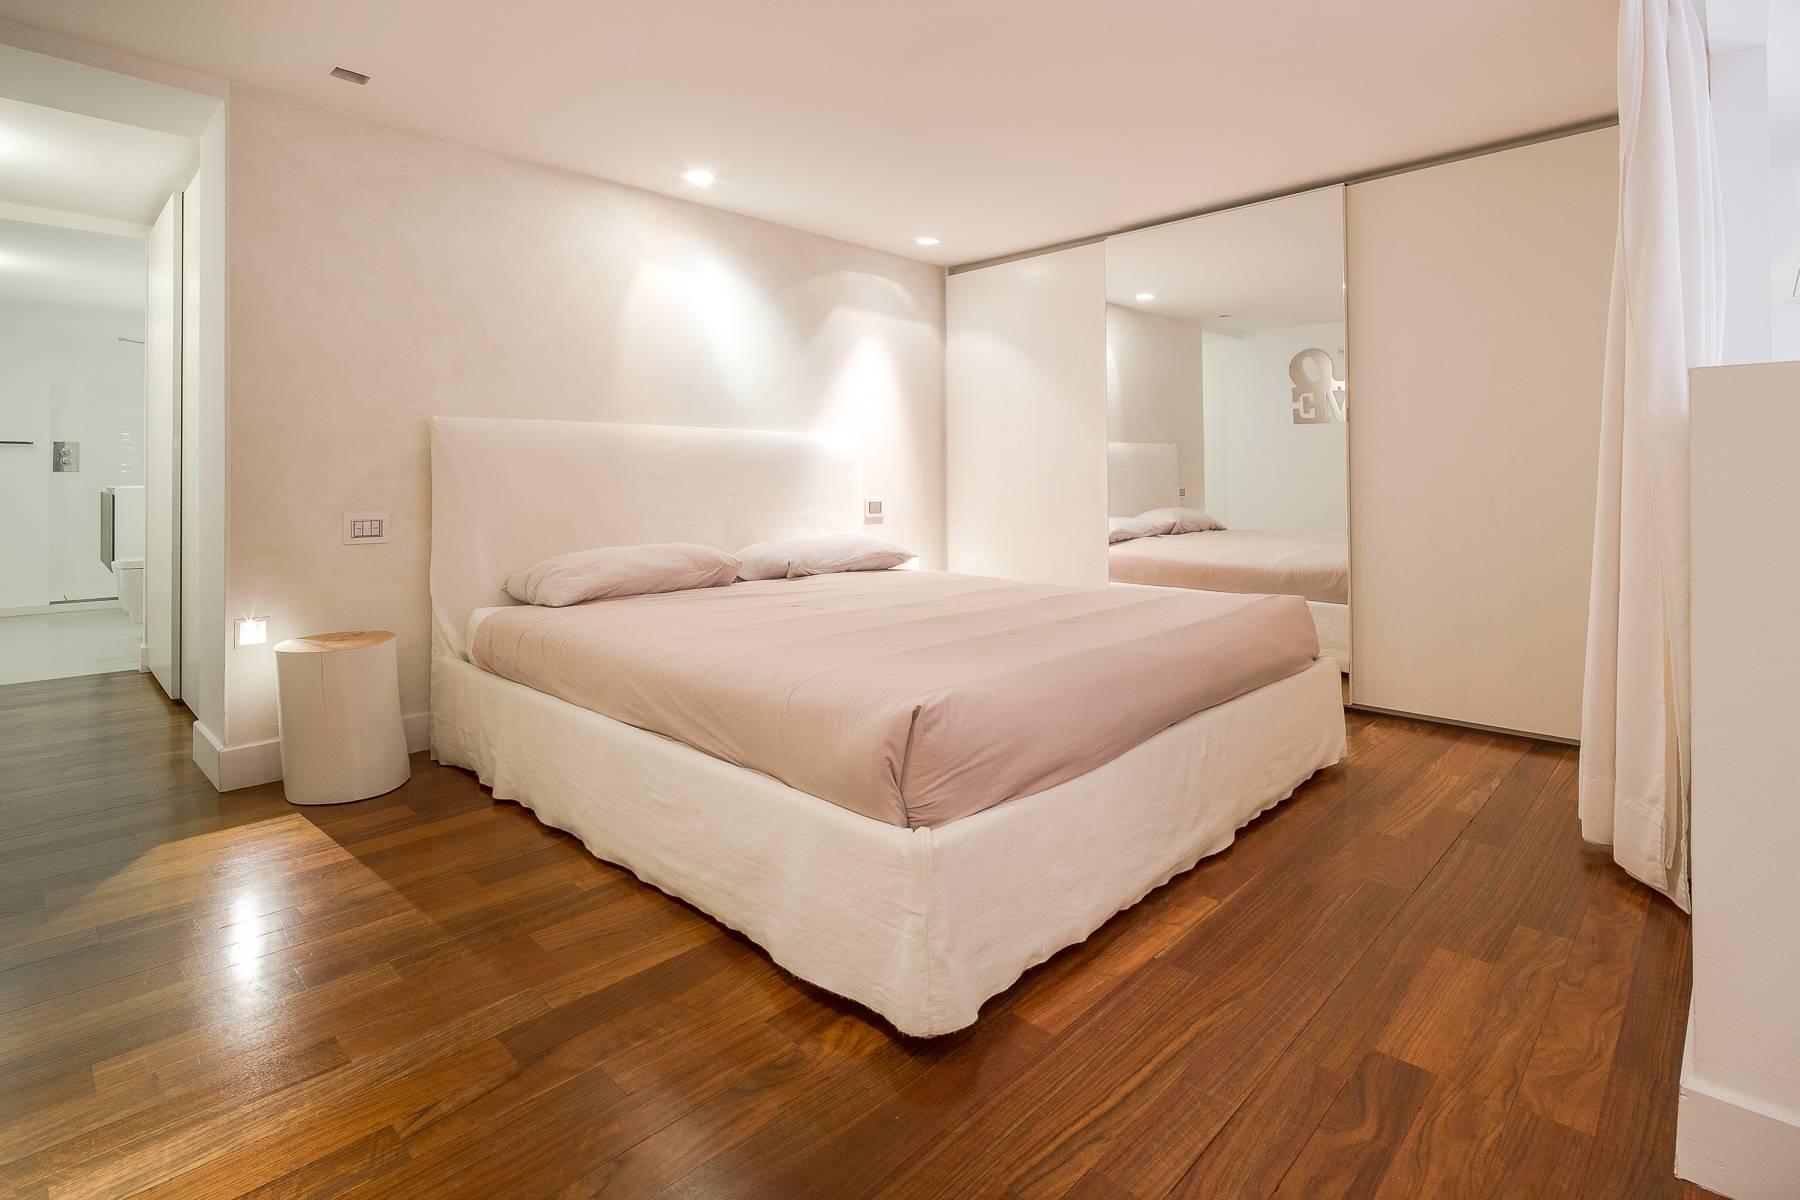 位于布雷拉区Via Montebello与De Marchi交汇处的公寓/复式 - 12